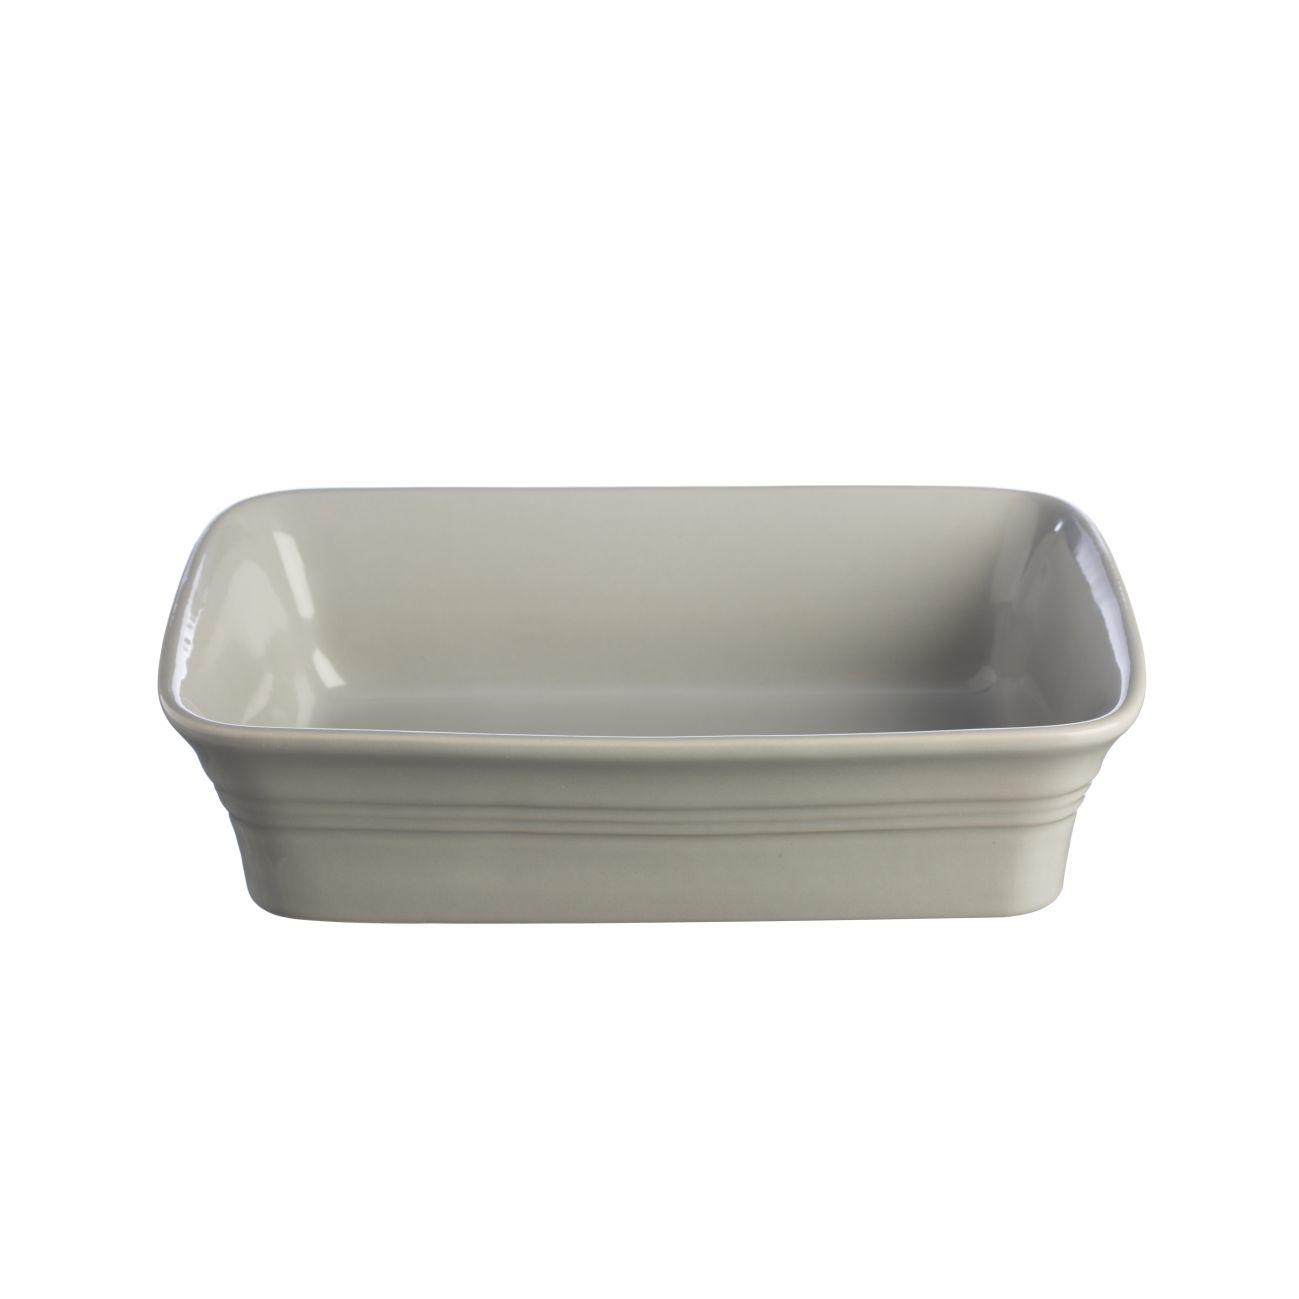 Zapékací miska Grey 26,5x18 cm - 1,8l Classic Kitchen - Mason Cash